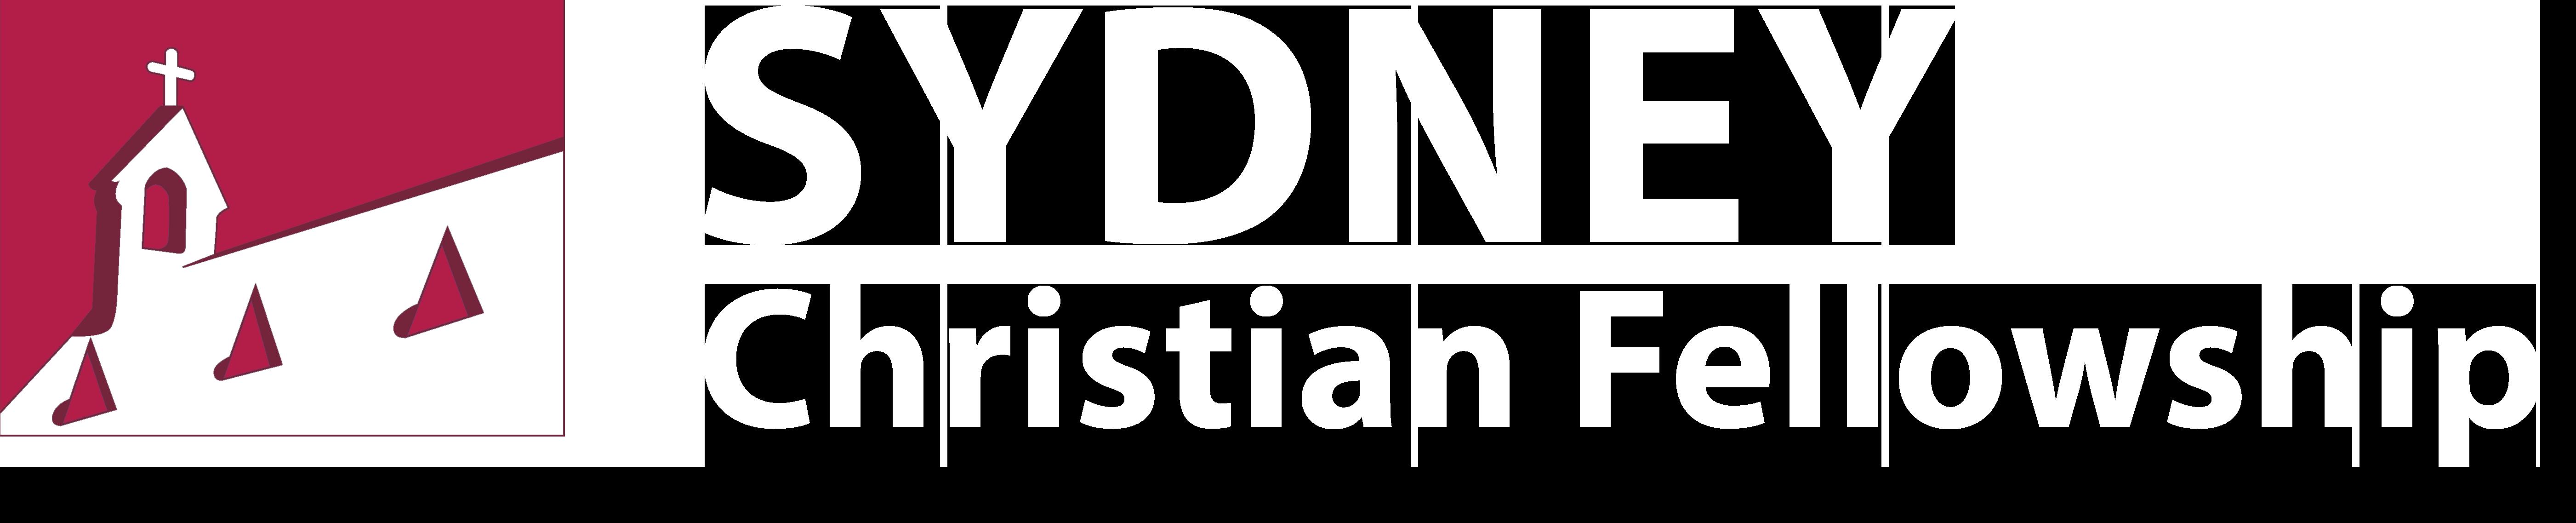 Sydney Christian Fellowship